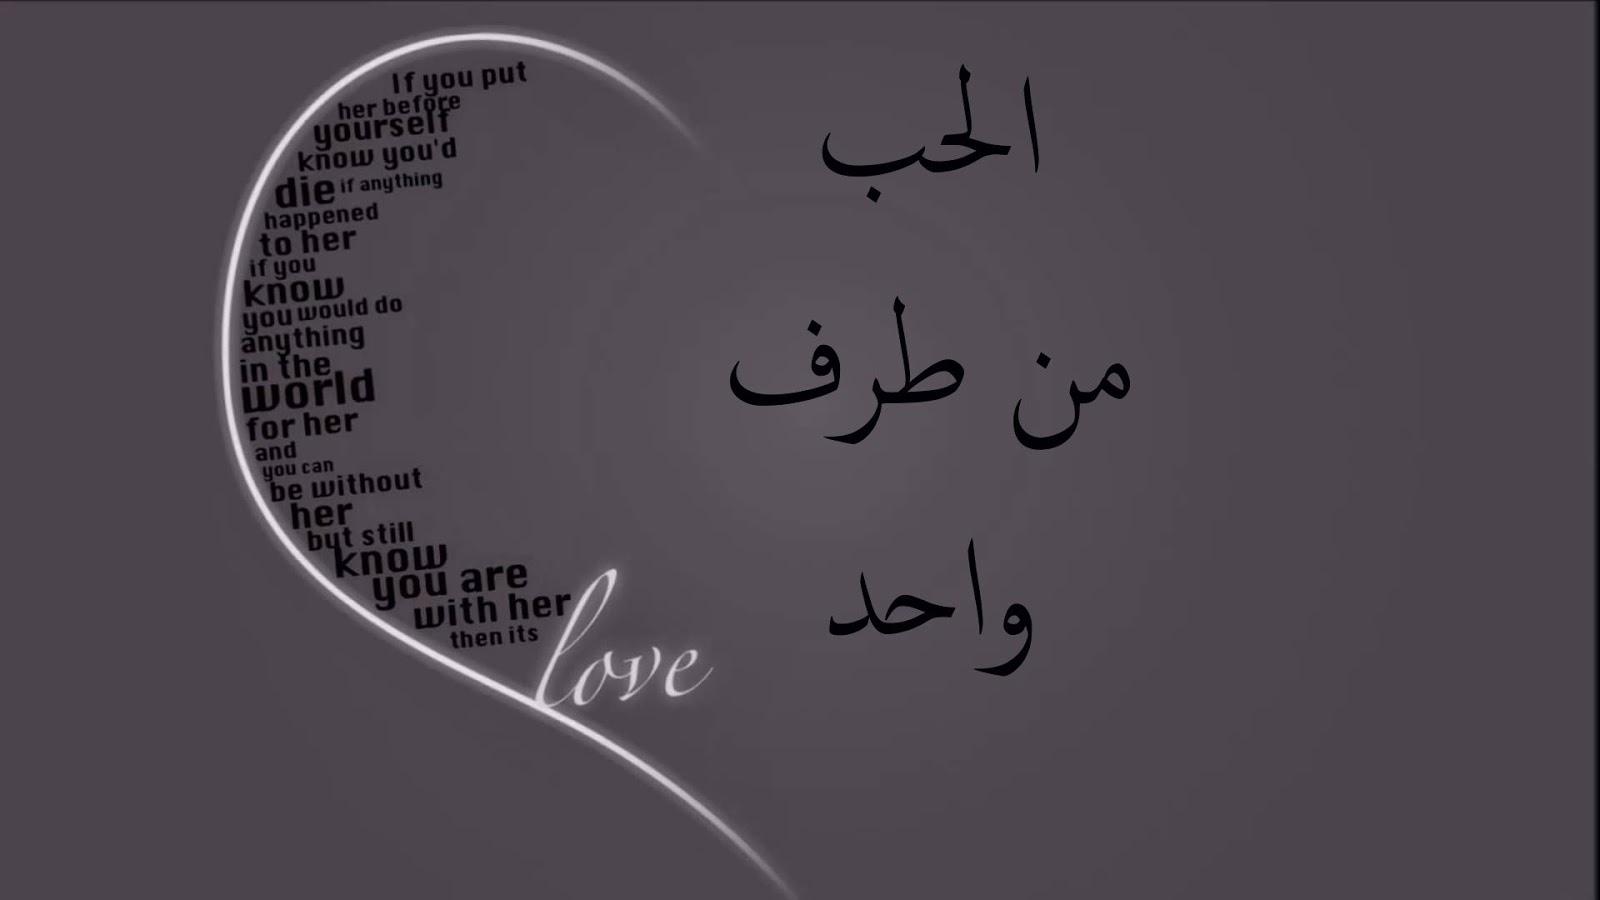 اجمل ما قيل في الحب من طرف واحد